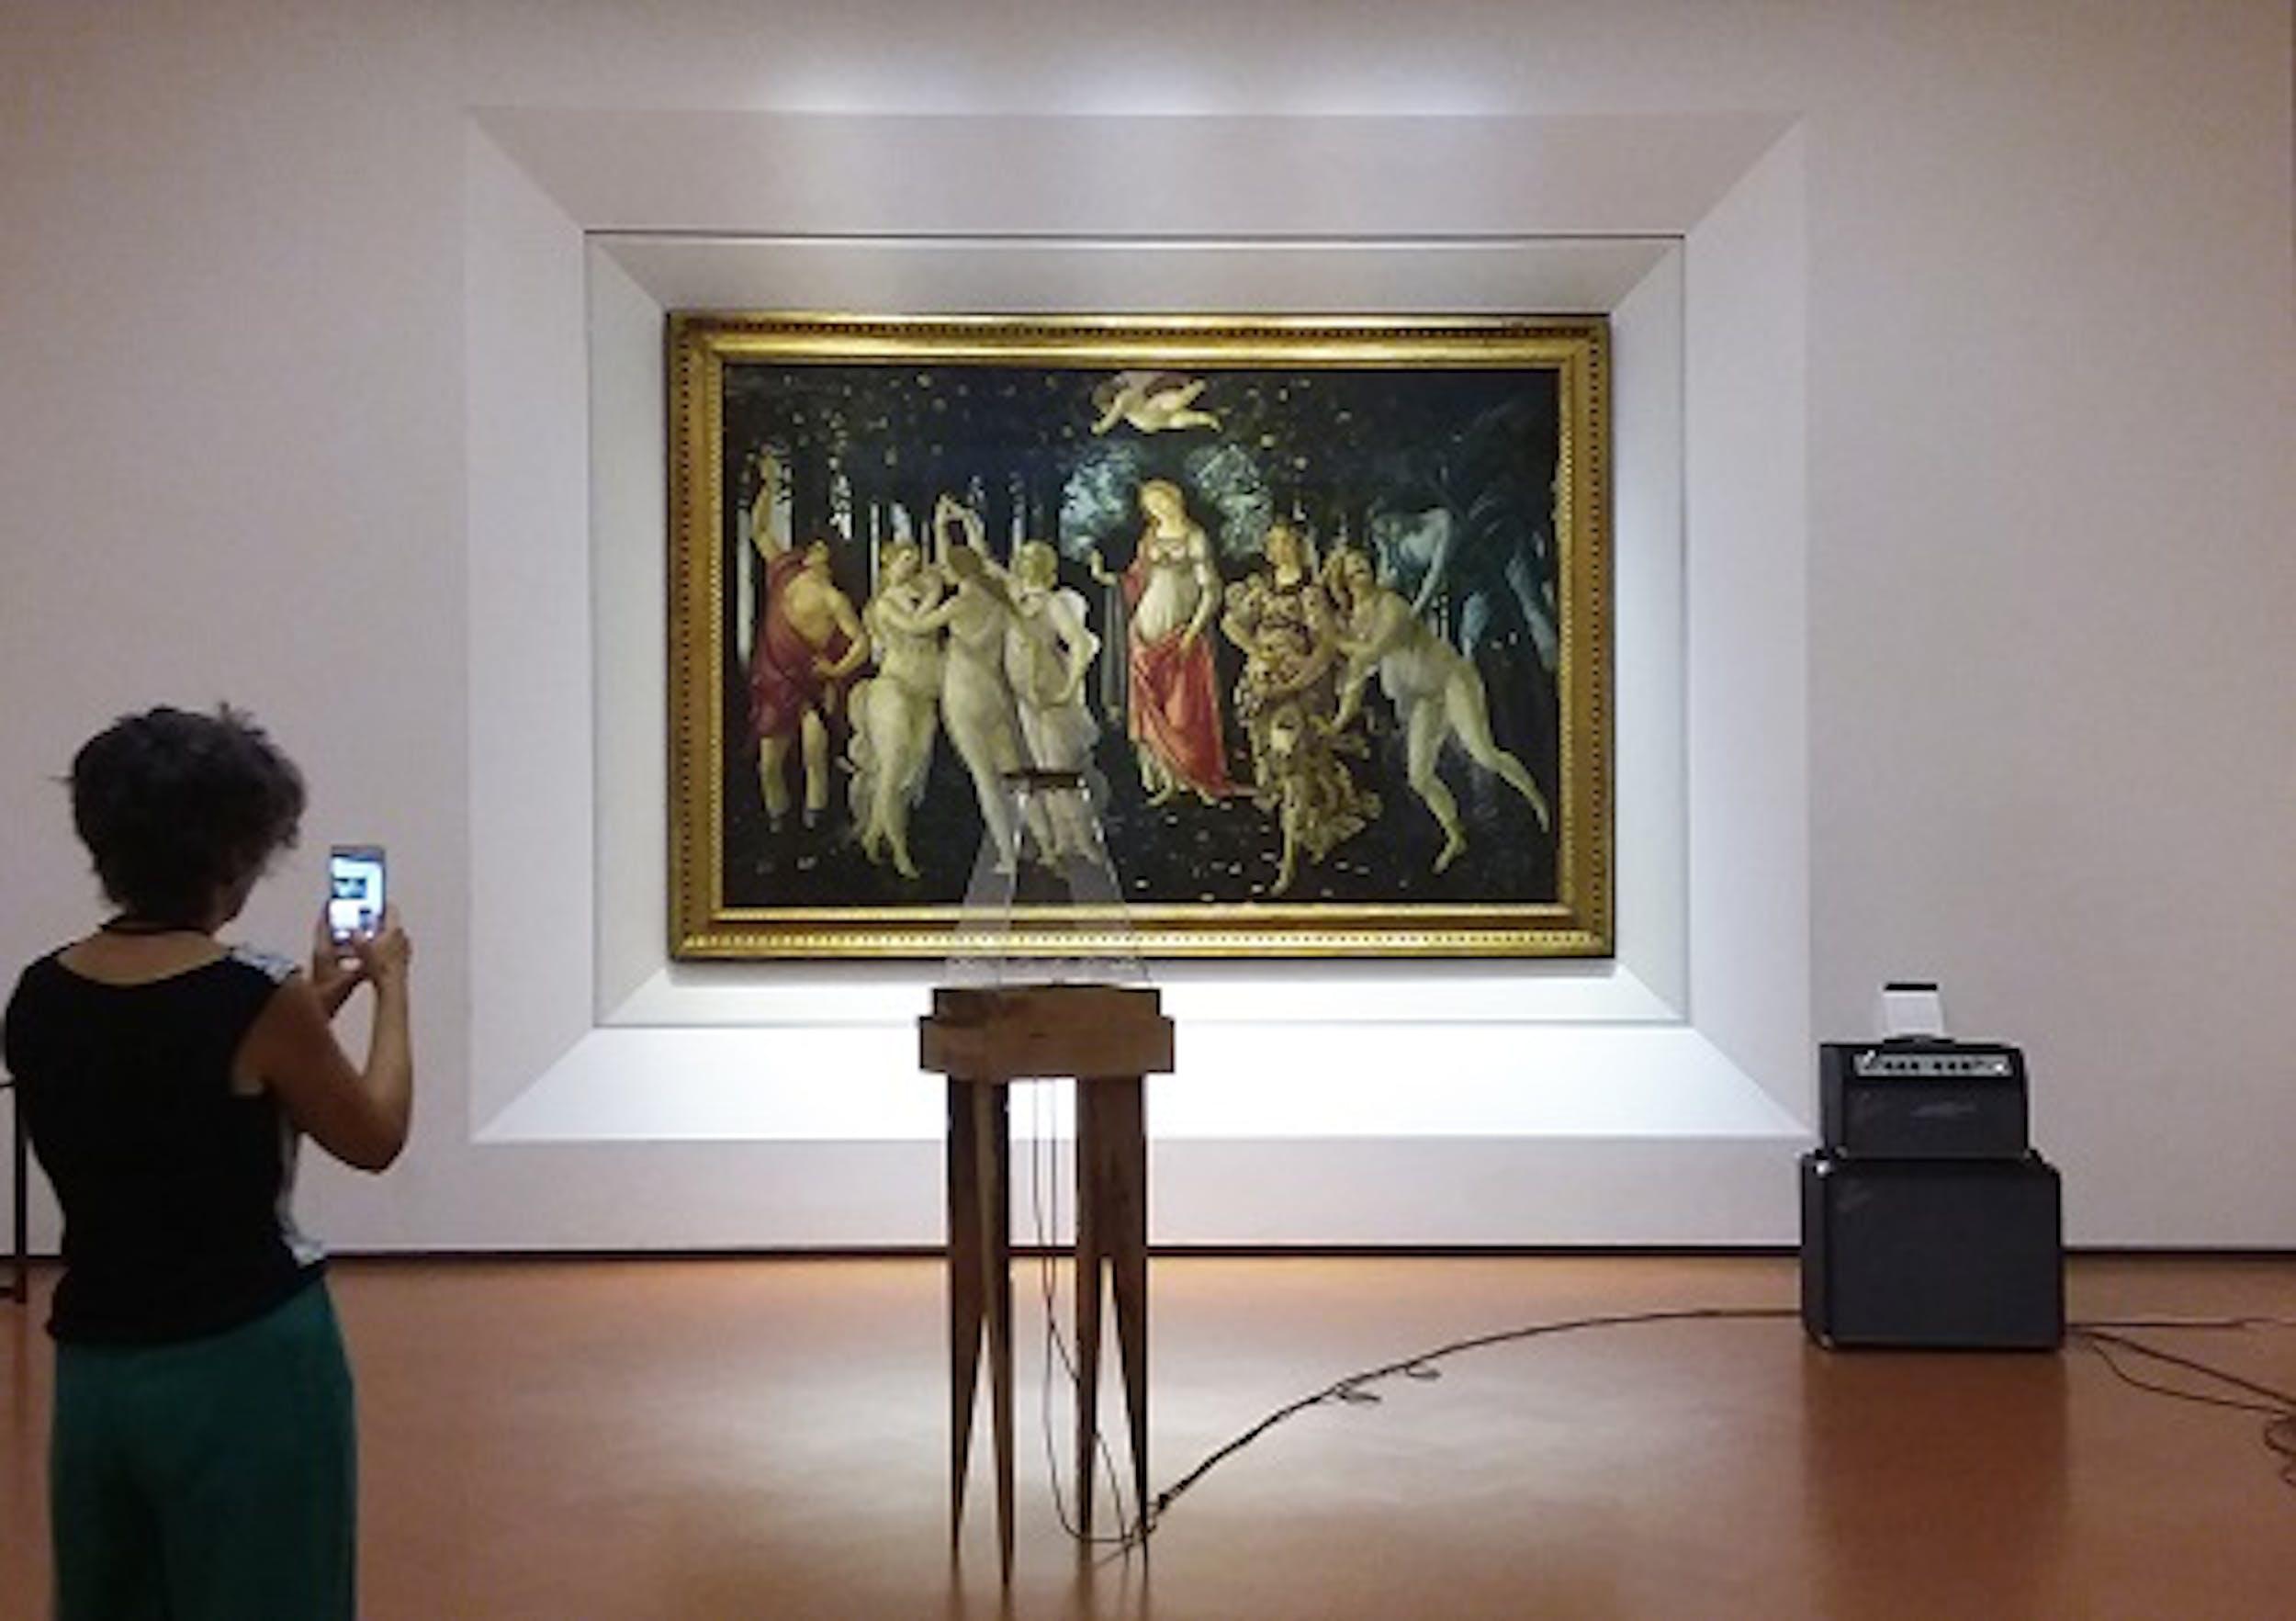 Gli Impresari & Giacomo mercuriali,Fauna-concerto per insetti, 26.09.2018